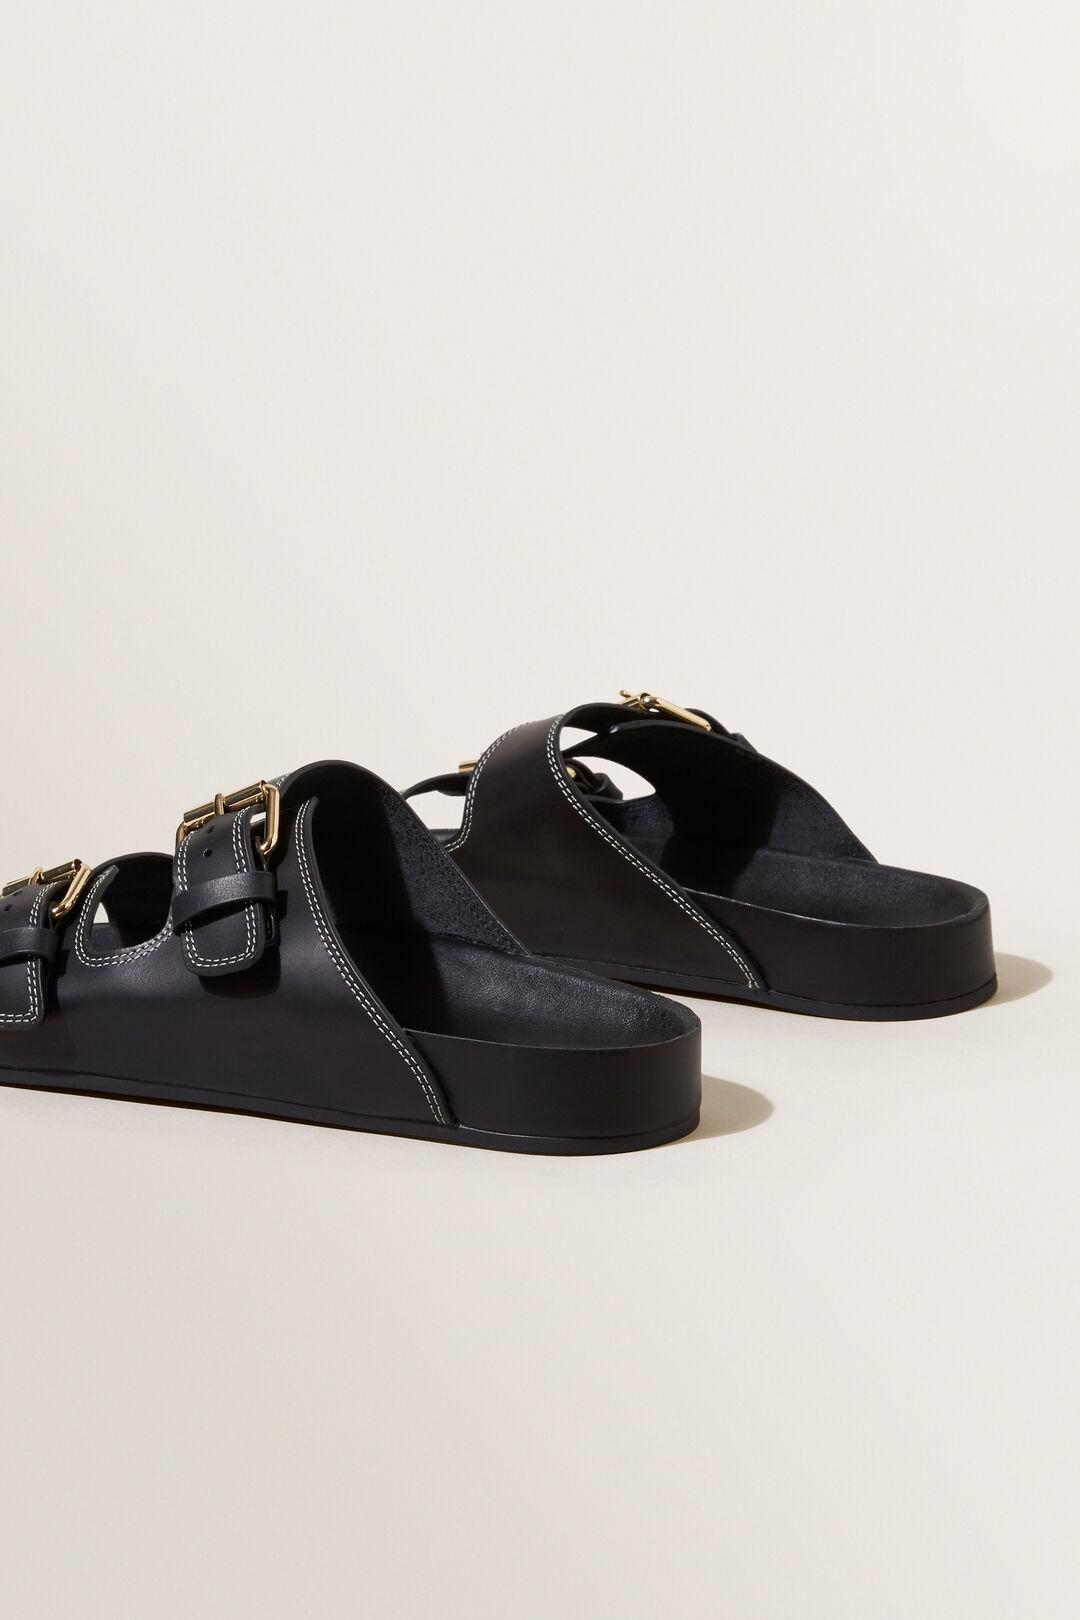 Alexa Sandal  BLACK  hi-res